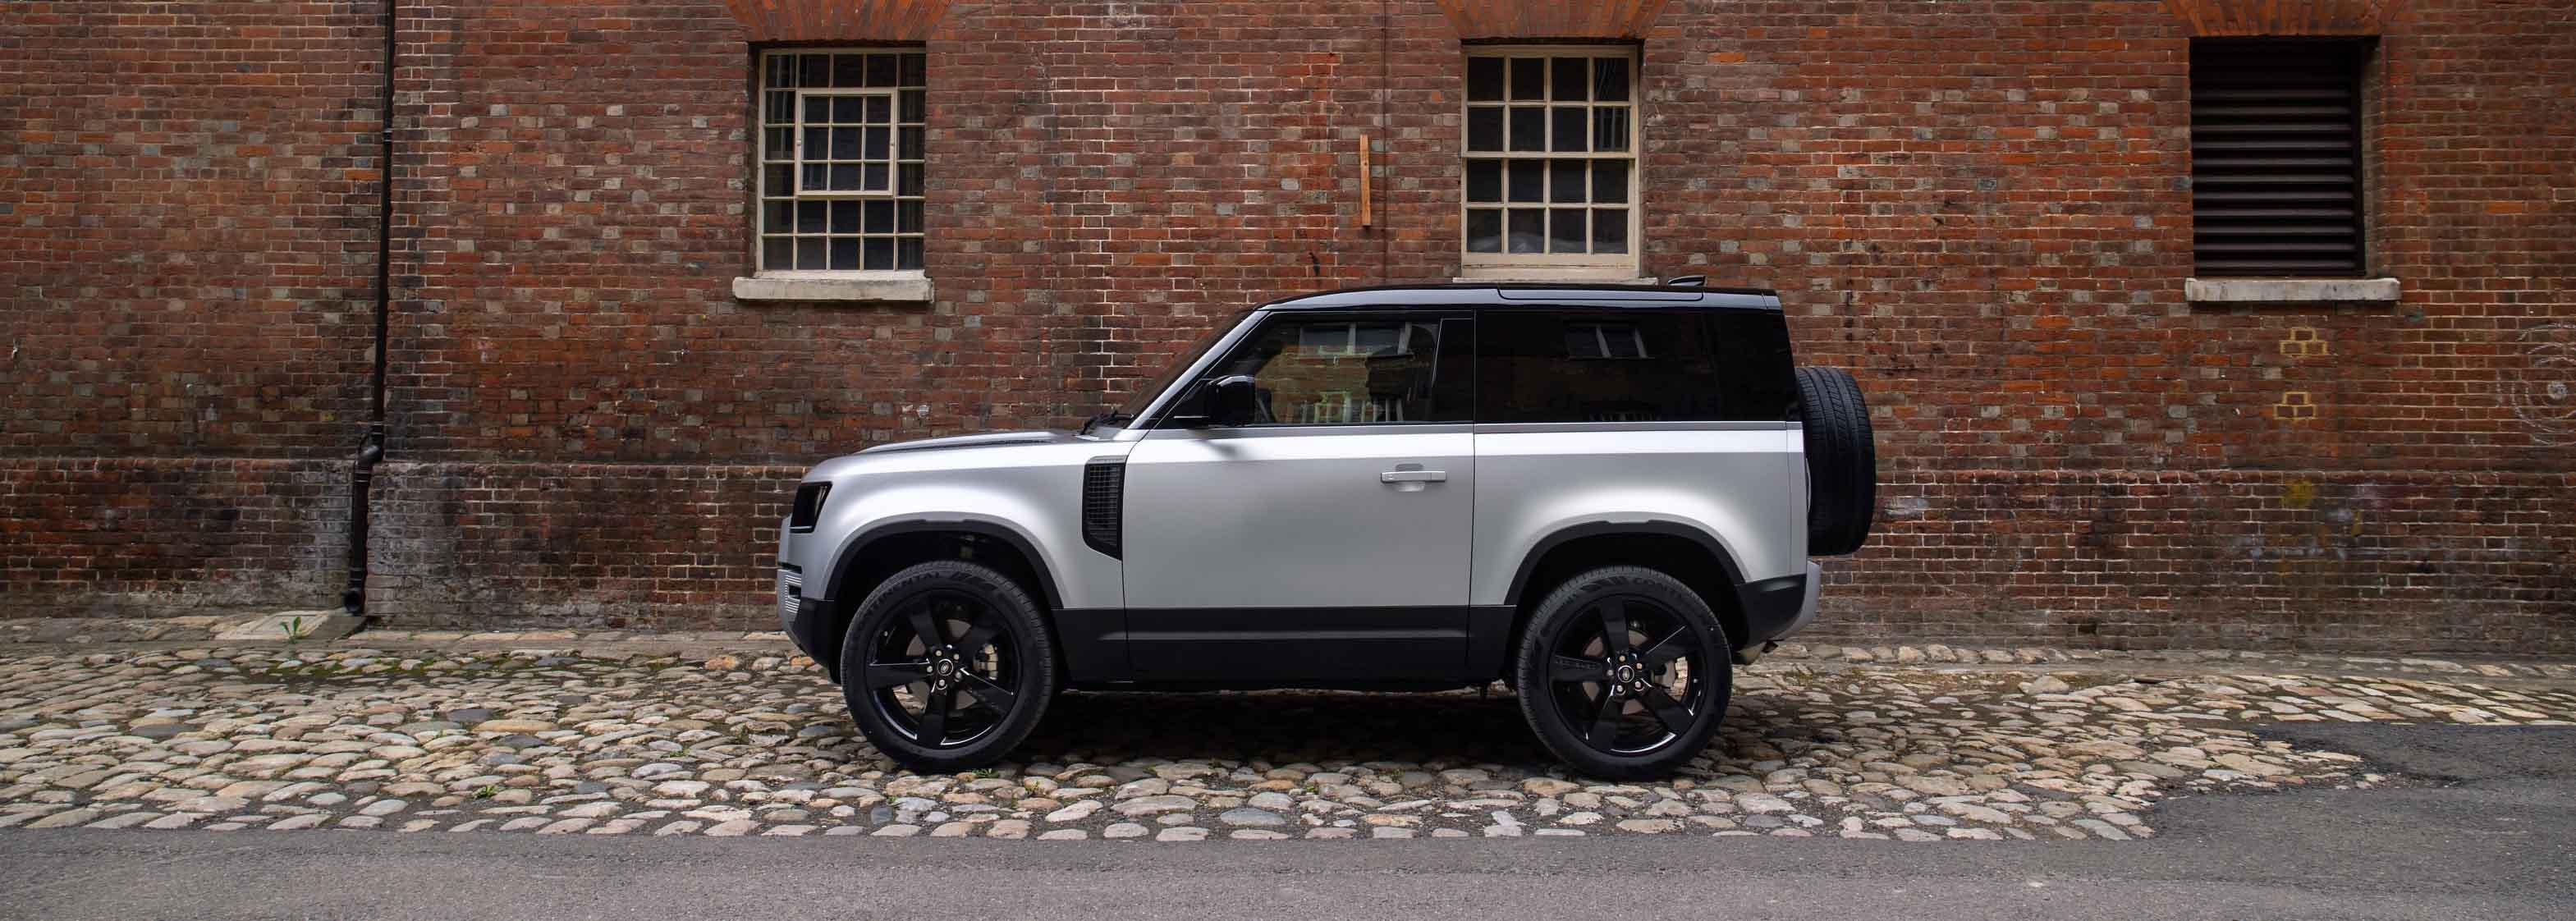 Land Rover Defender range expanded